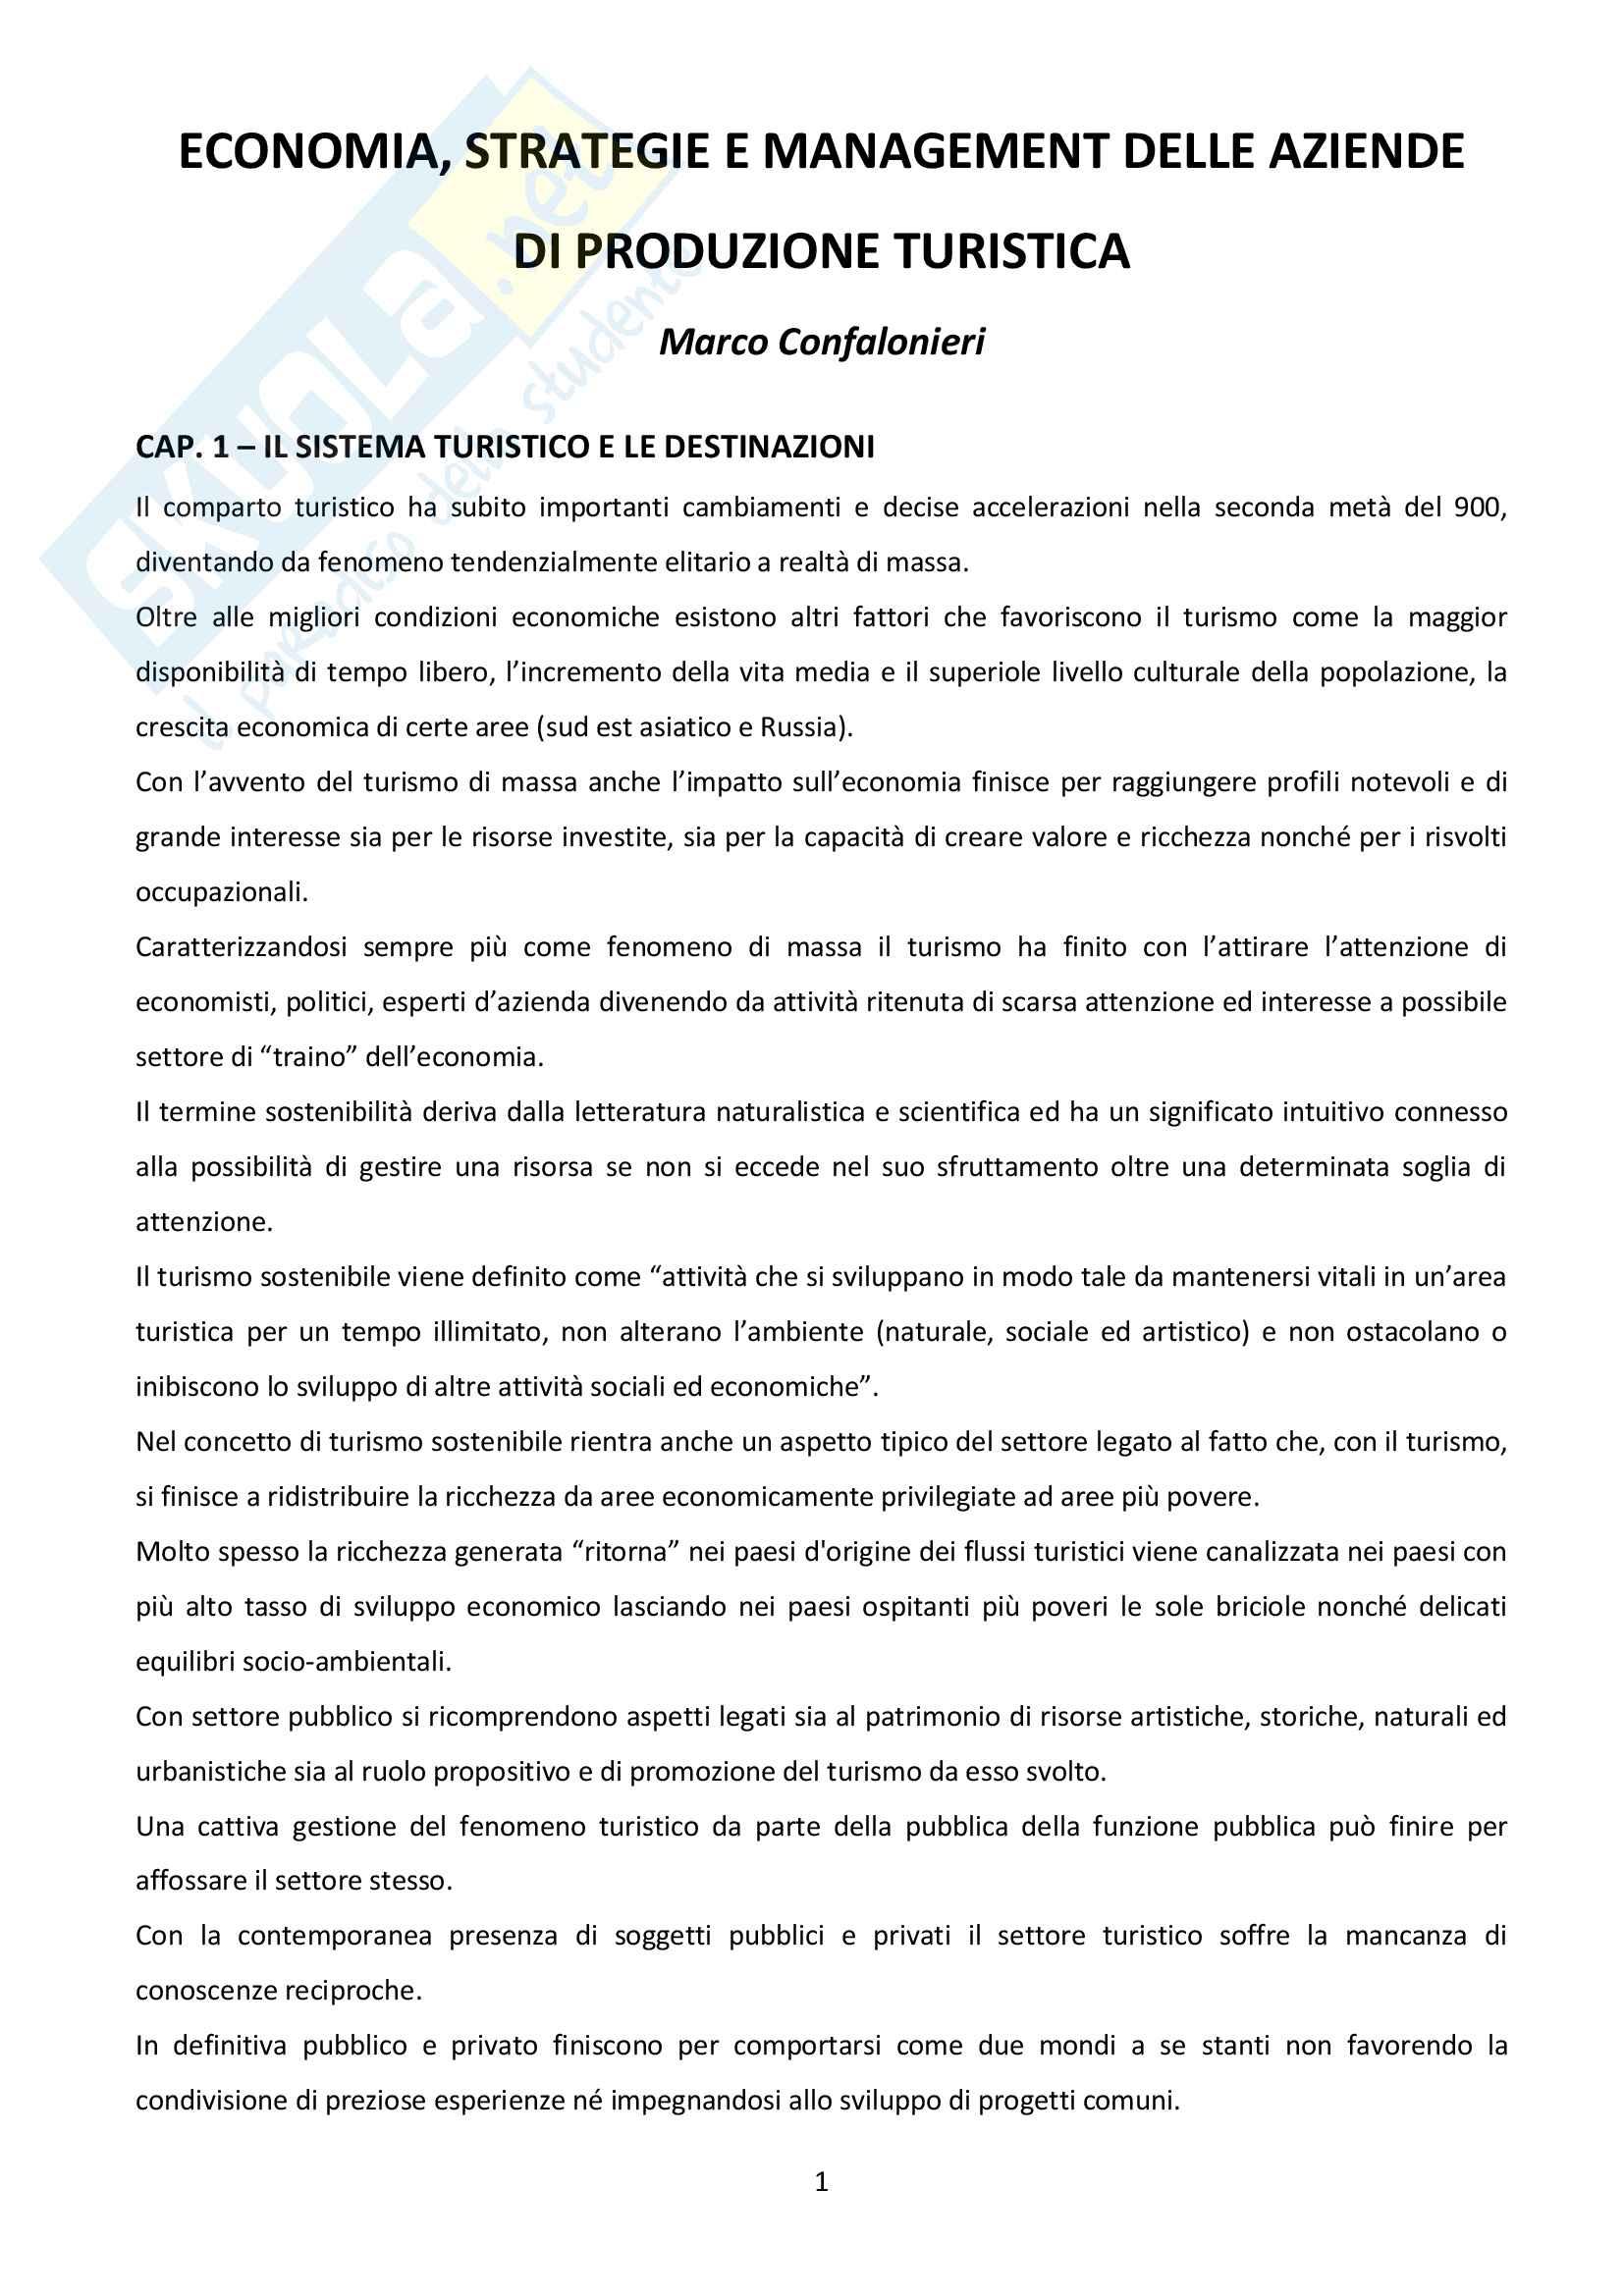 Riassunto esame Economia e gestione delle imprese turistiche, prof. Confalonieri, libro consigliato Economia strategie e management delle aziende di produzione turistica, Confalonieri